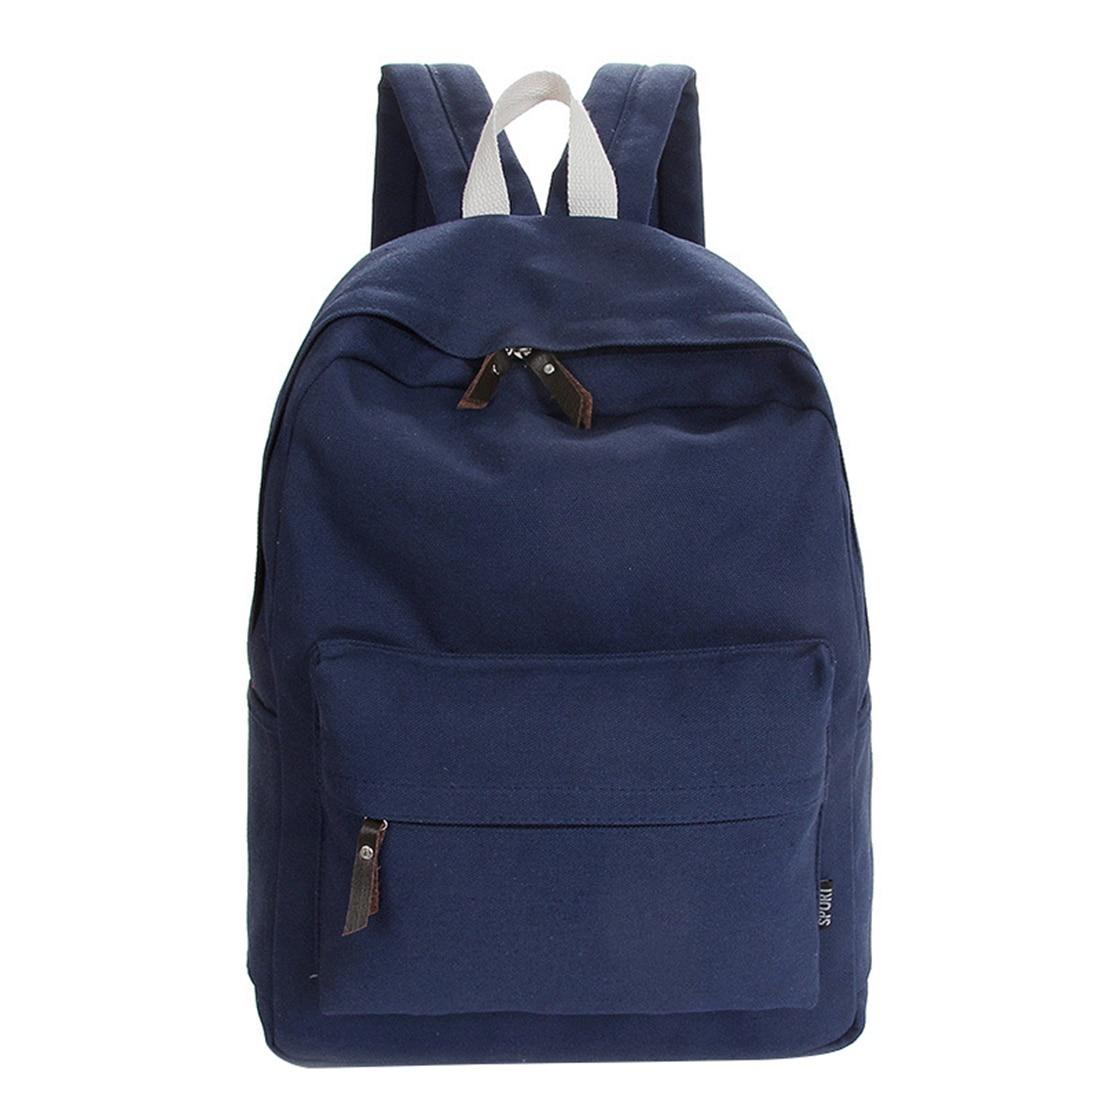 VSEN Hot Casual Canvas Backpack Fashion school bag for girls and boys unisex backpack shoulder bag casual canvas satchel men sling bag